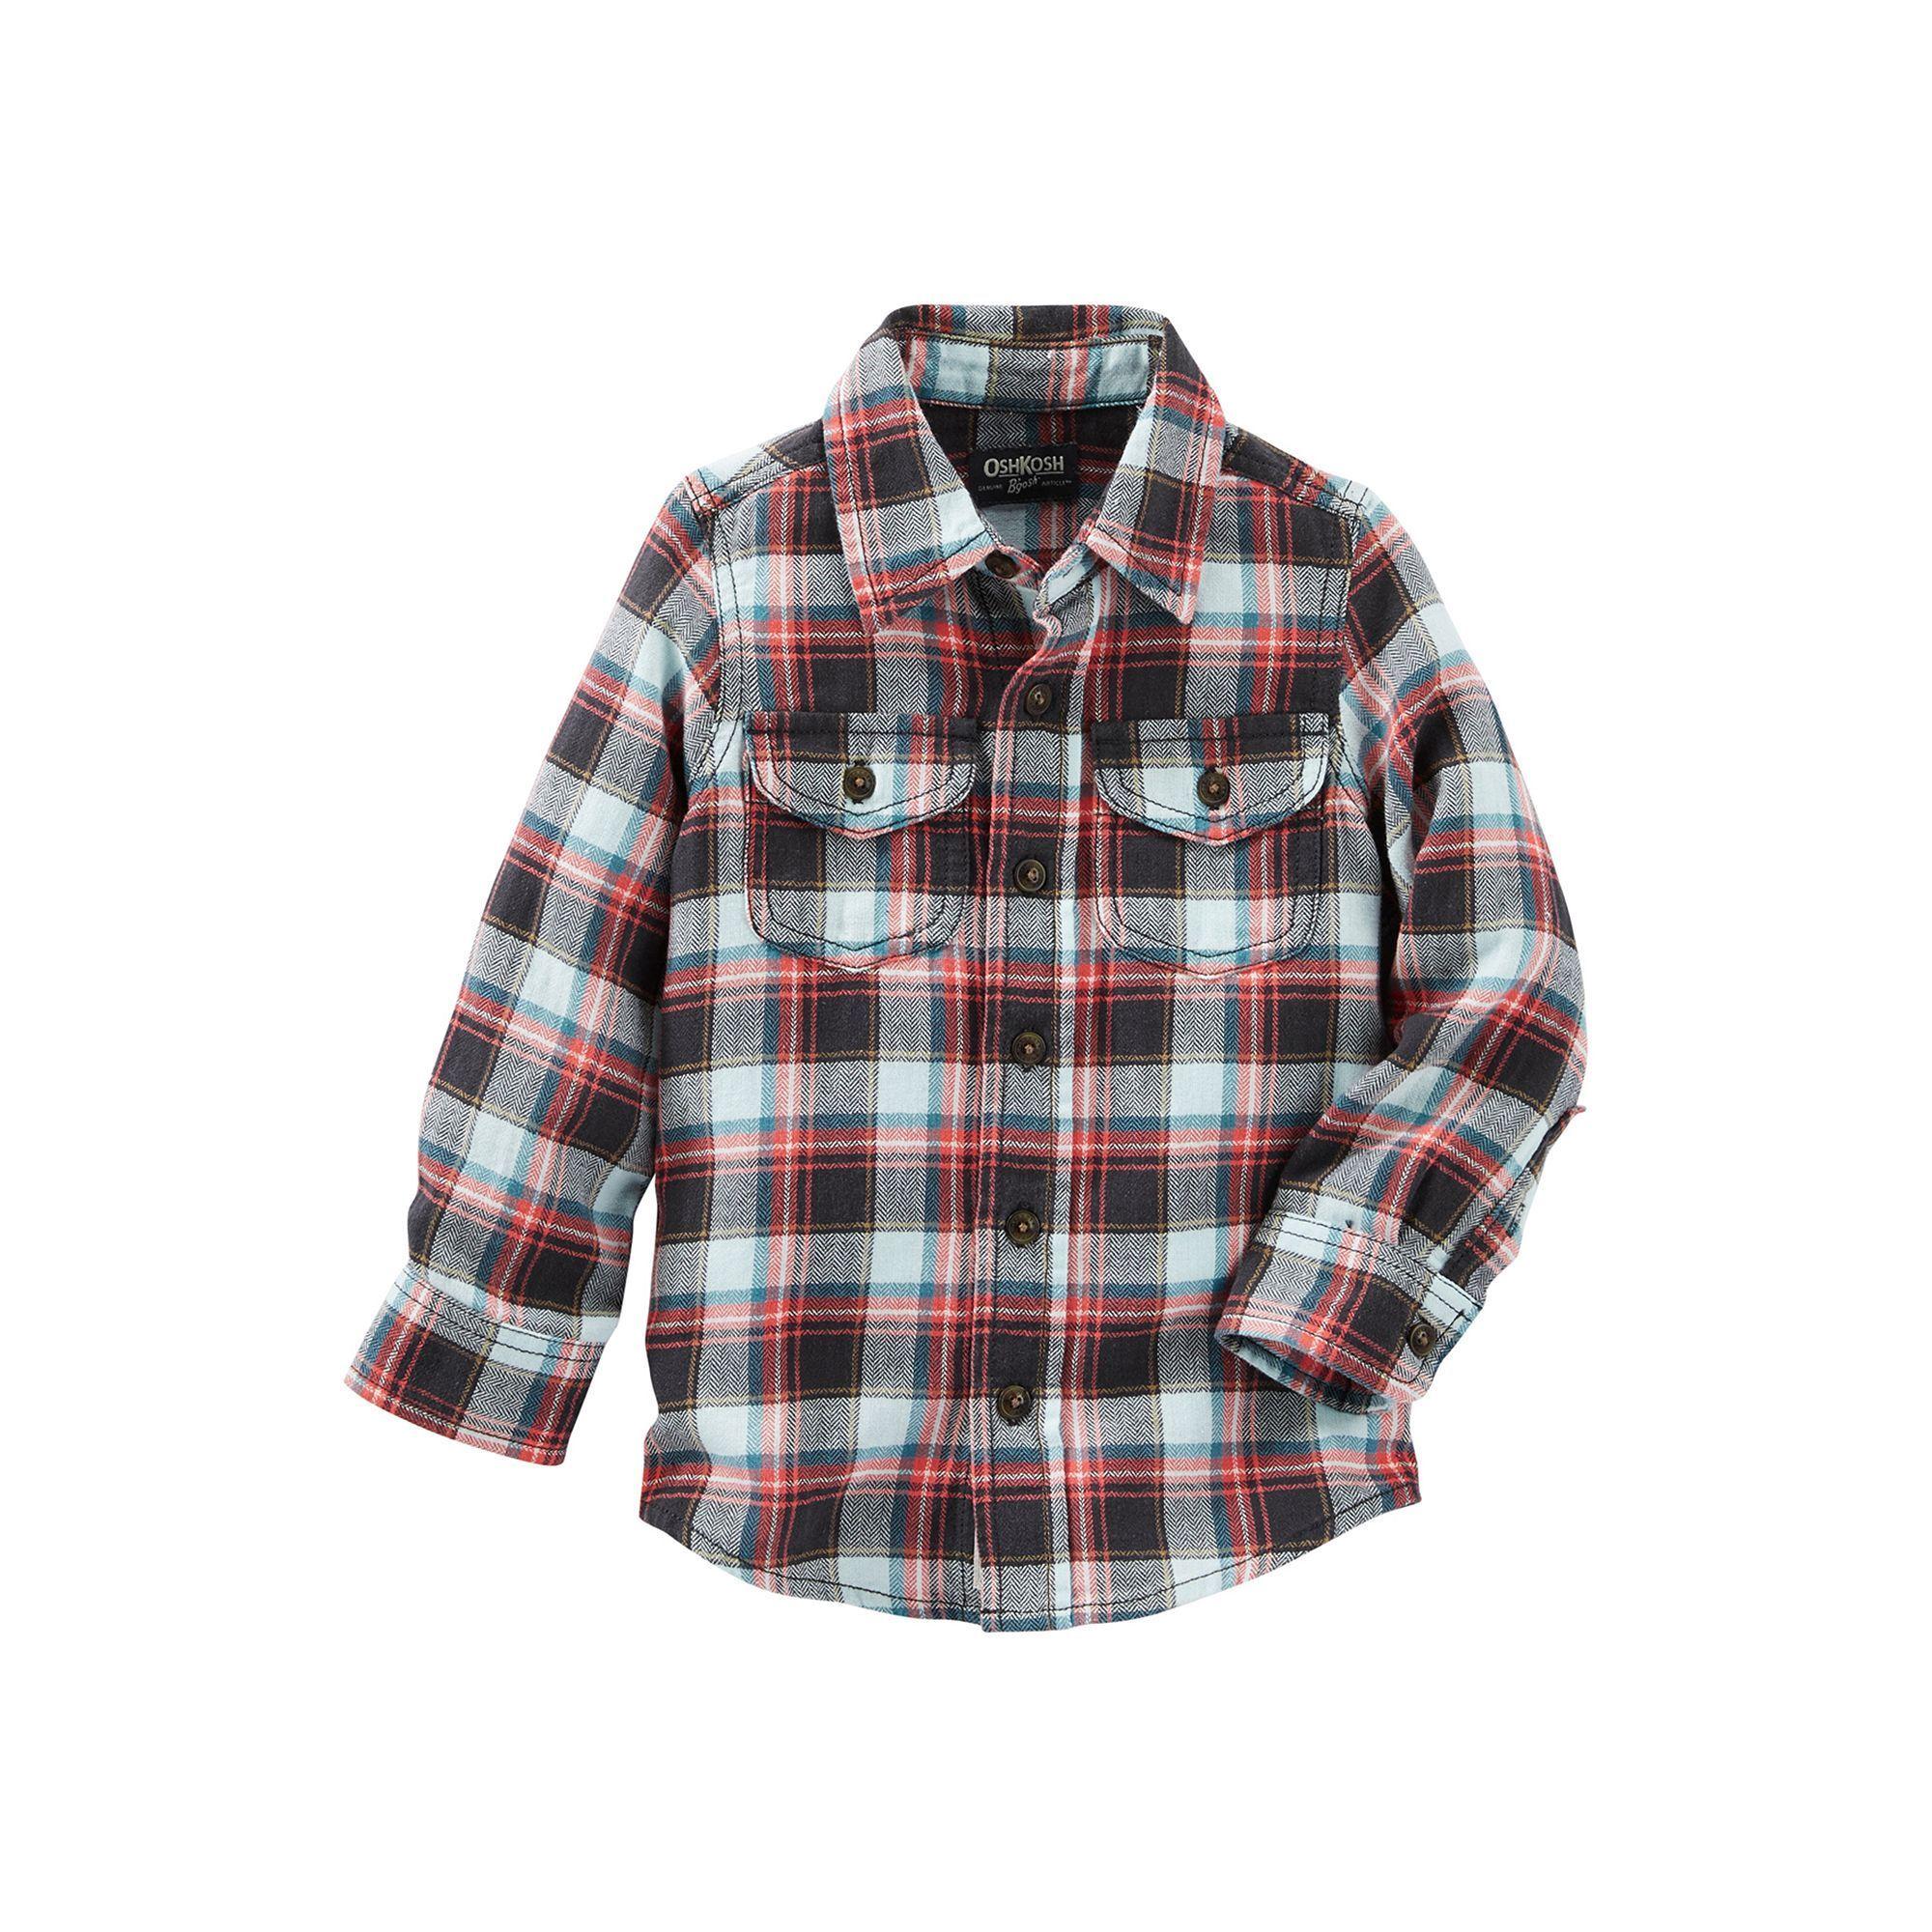 Toddler OshKosh BGosh Woven Check Shirt Green Plaid-5